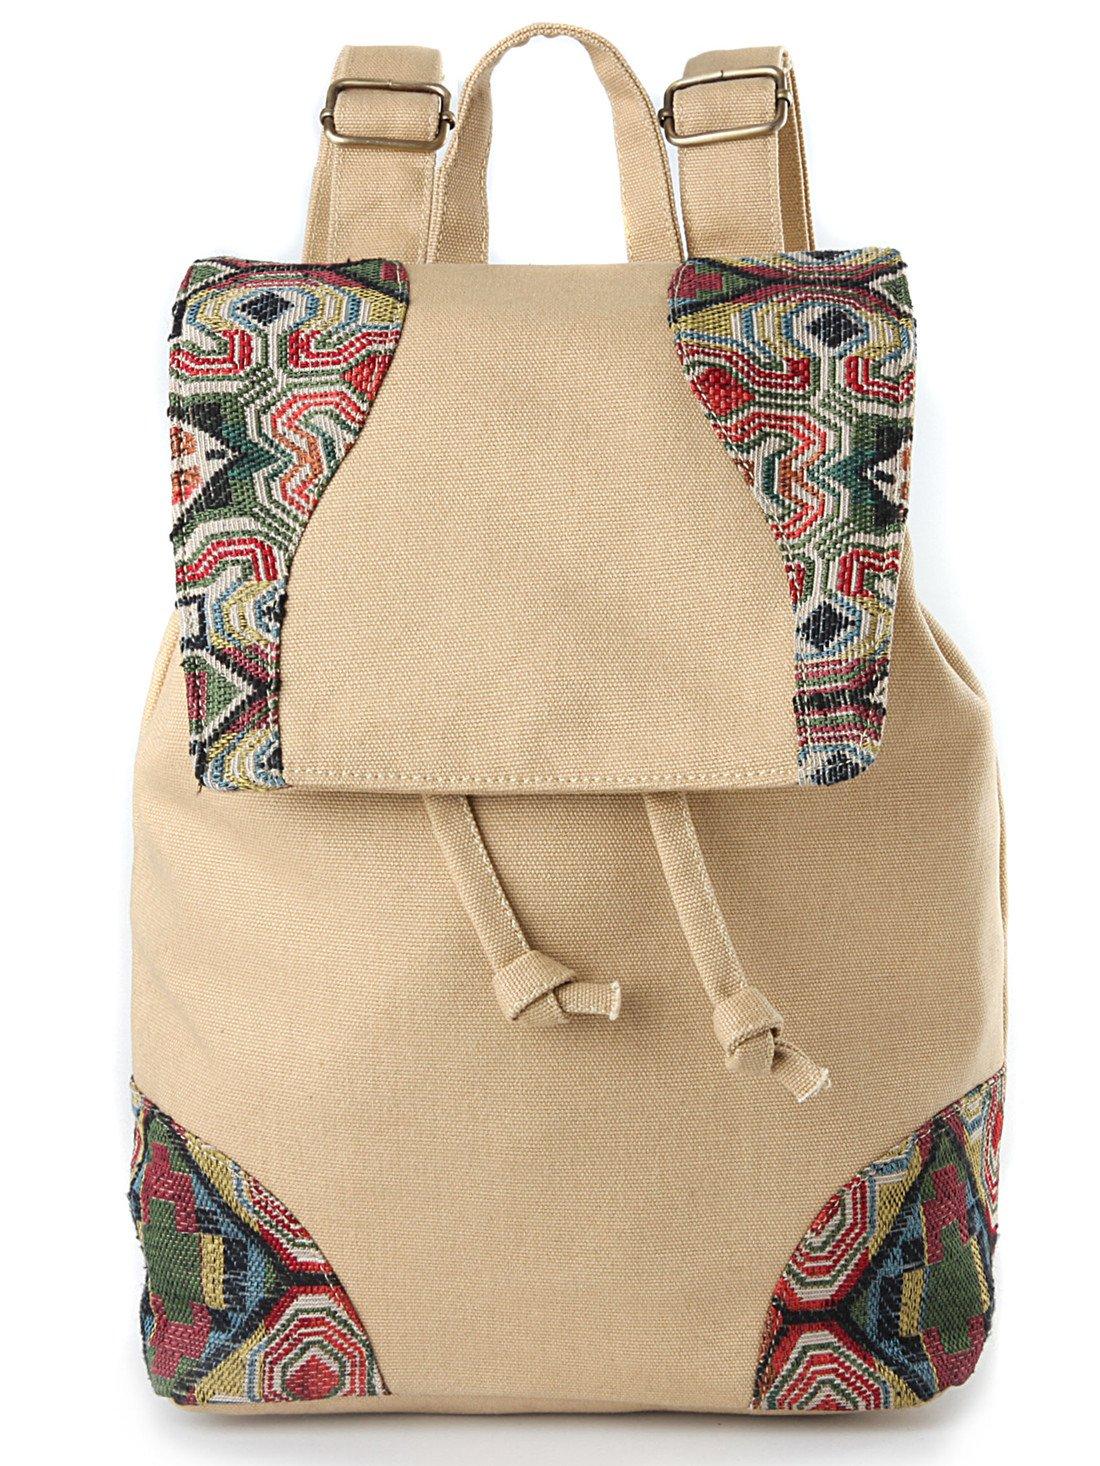 Goodhan Vintage Women Embroidery Ethnic Backpack Travel Handbag Shoulder Bag Mochila (Beige)